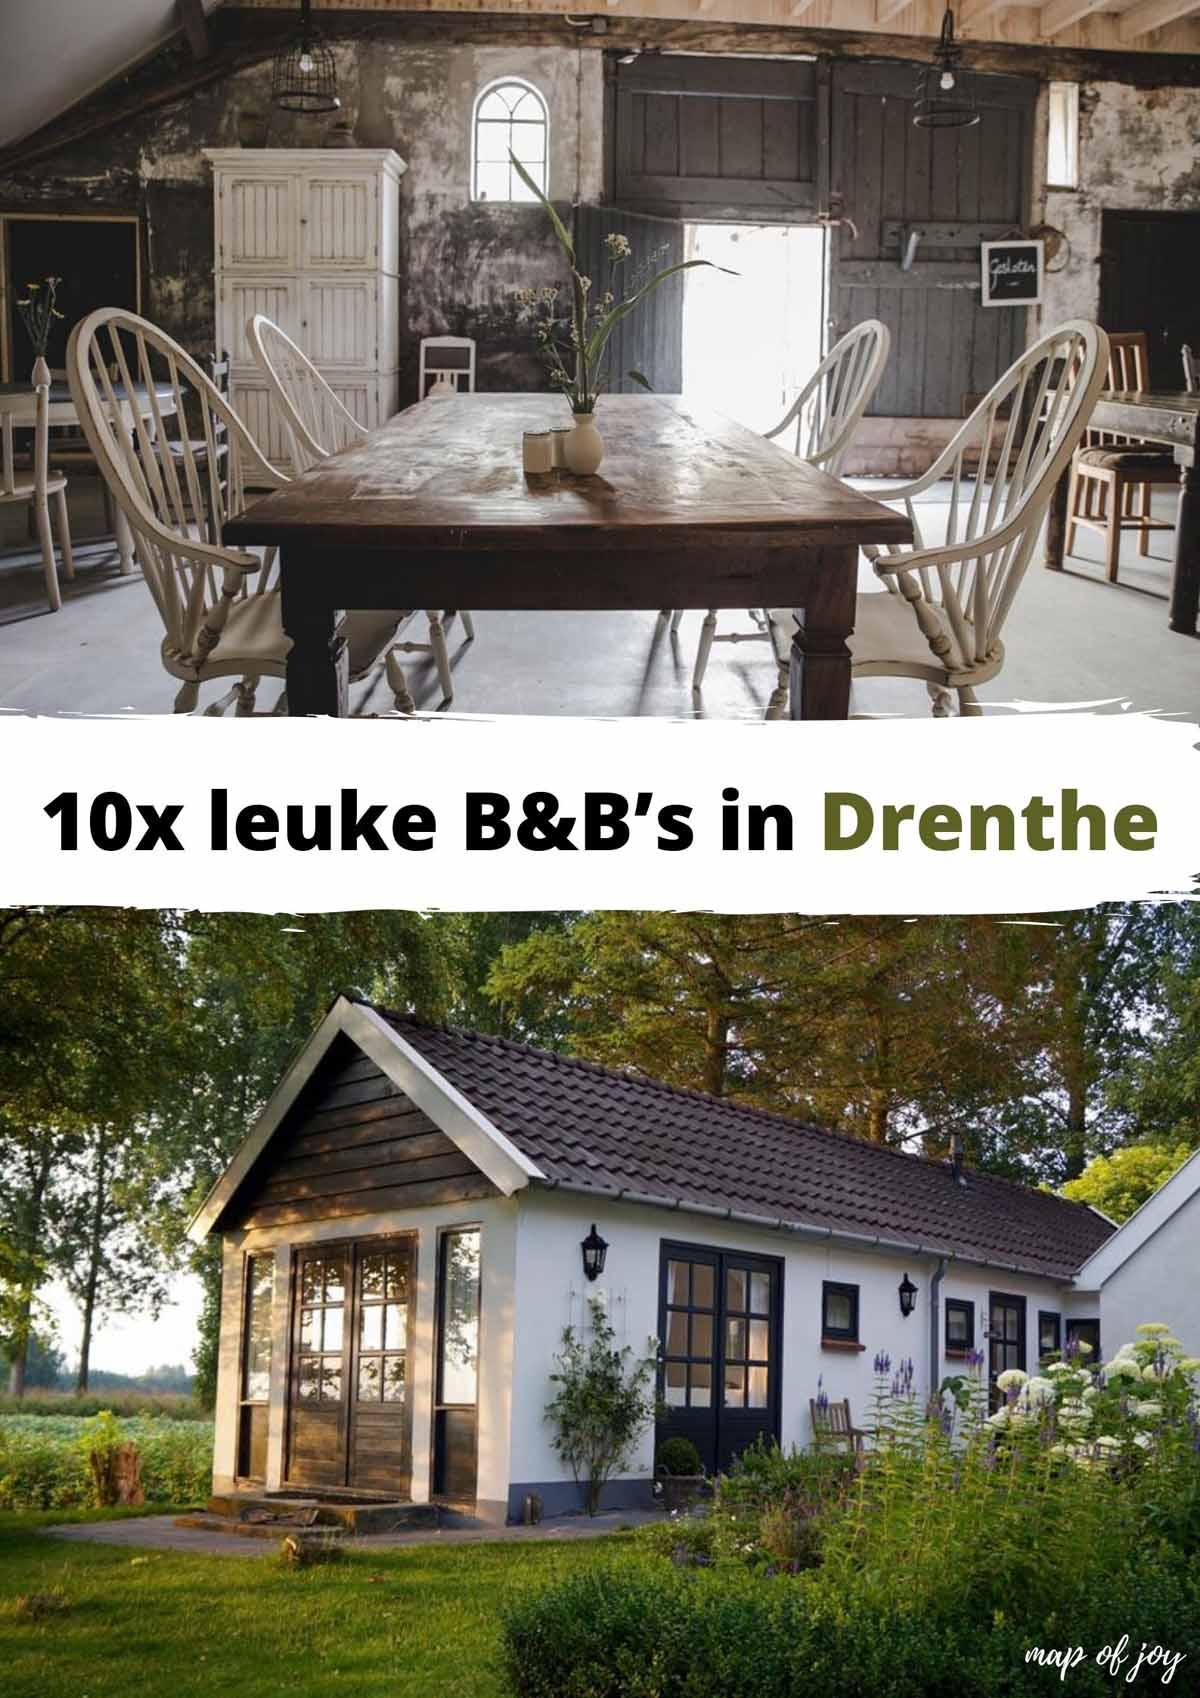 10x leuke B&B's in Drenthe